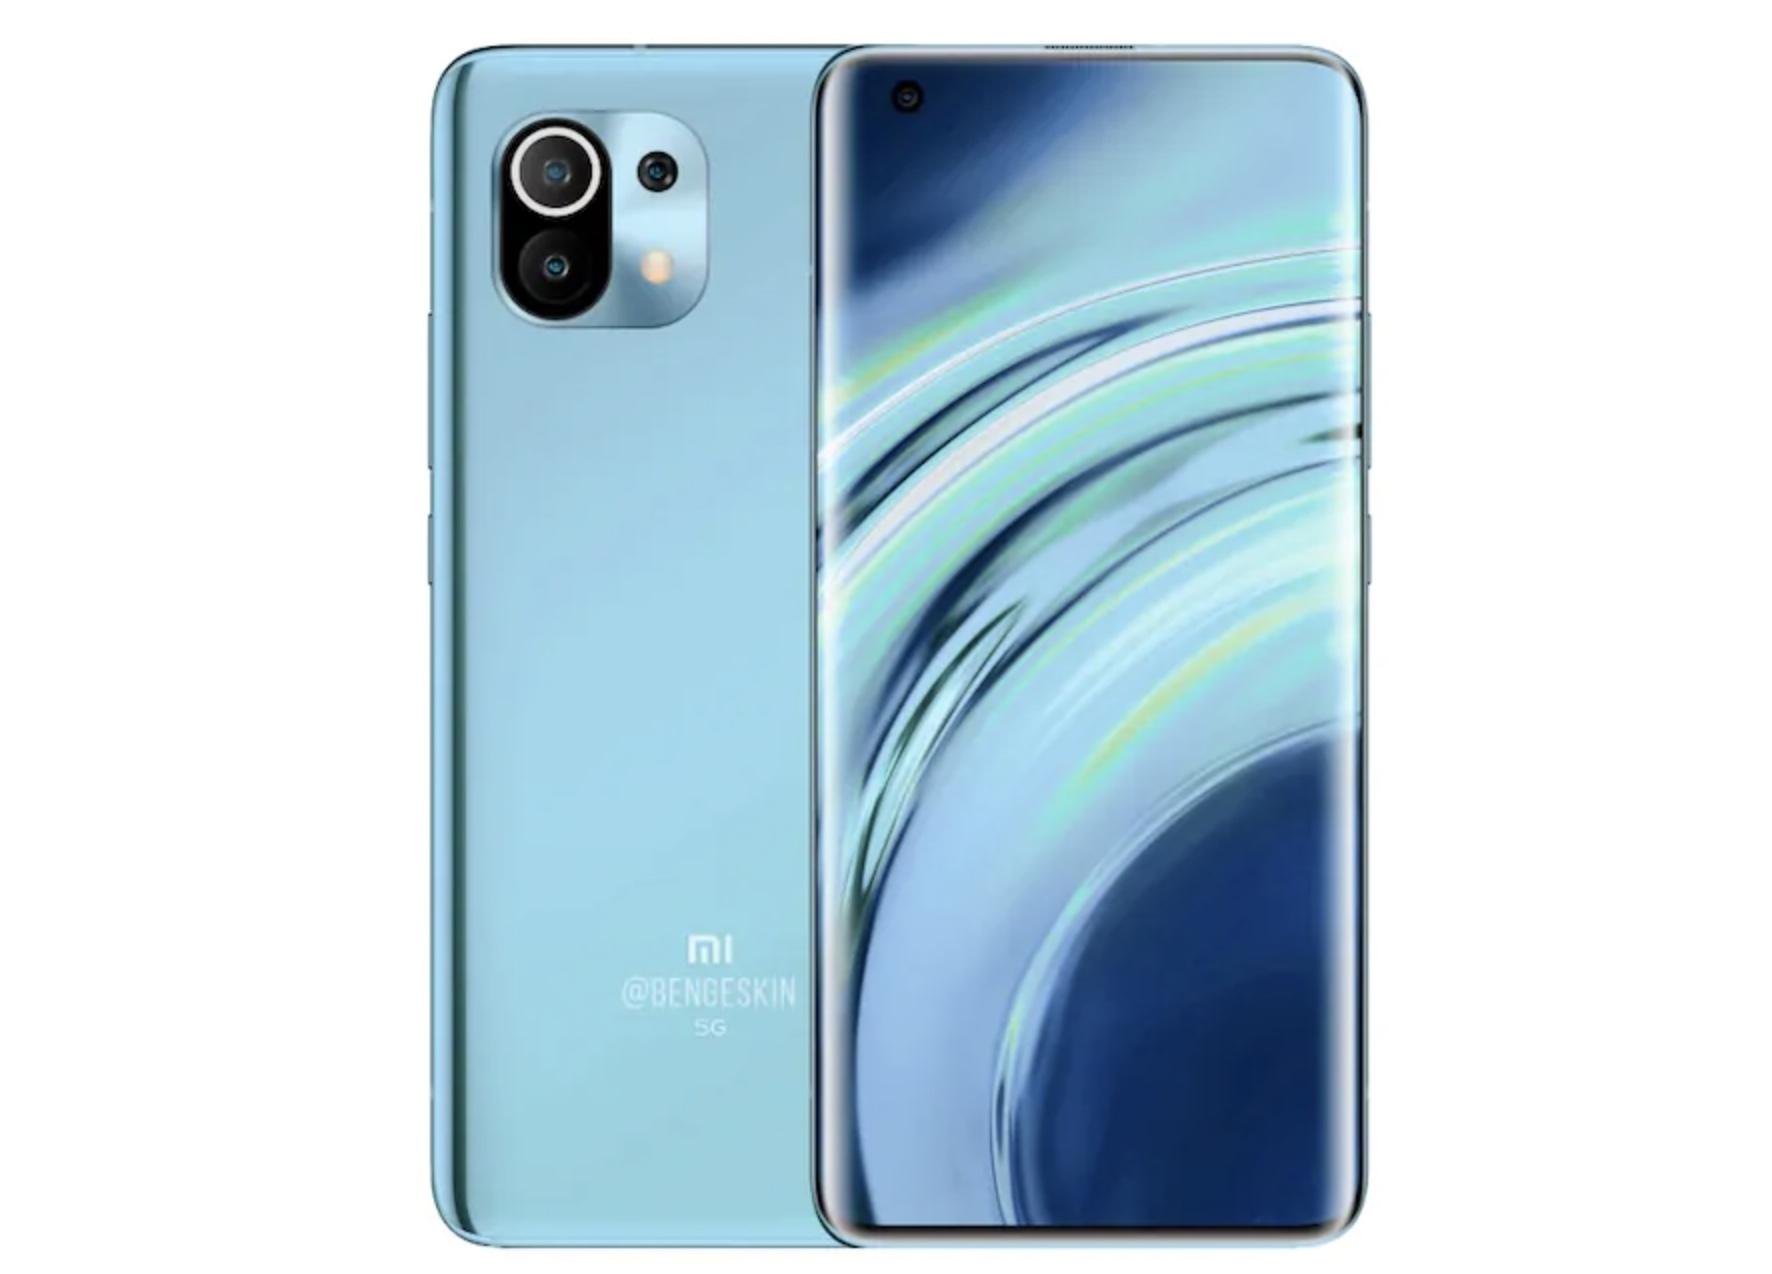 Грядущий флагманский смартфон Xiaomi Mi 11 получит самое прочное защитное стекло